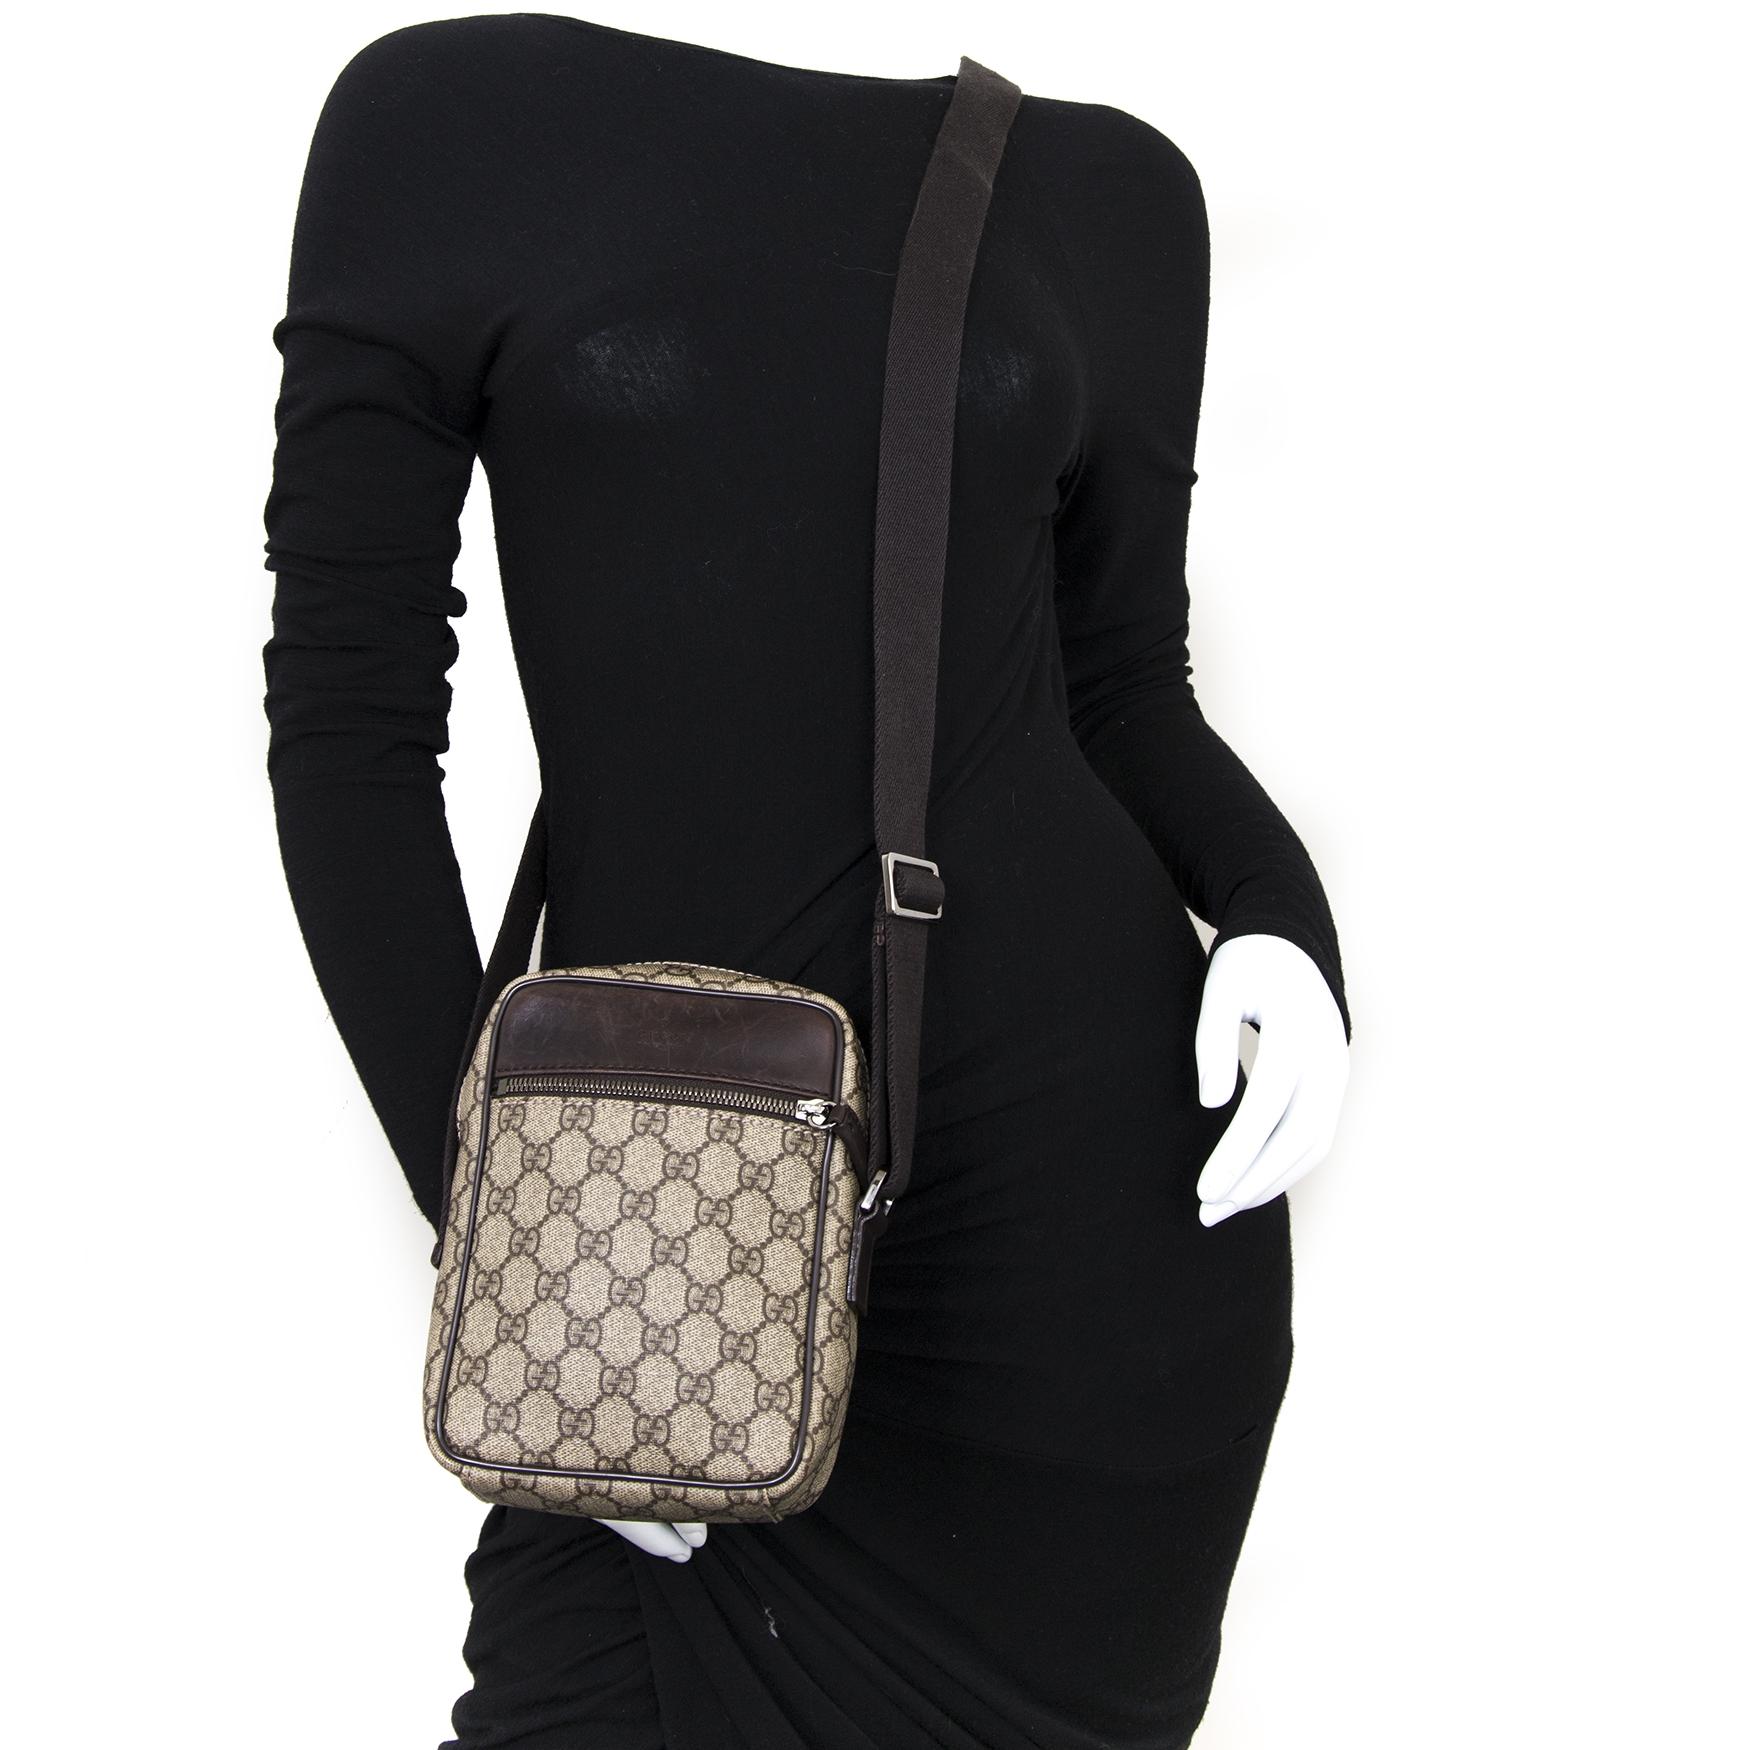 Achetez secur en ligne votre sac Gucci Guccisima Crossbody Shoulder Bag pour le meilleur prix